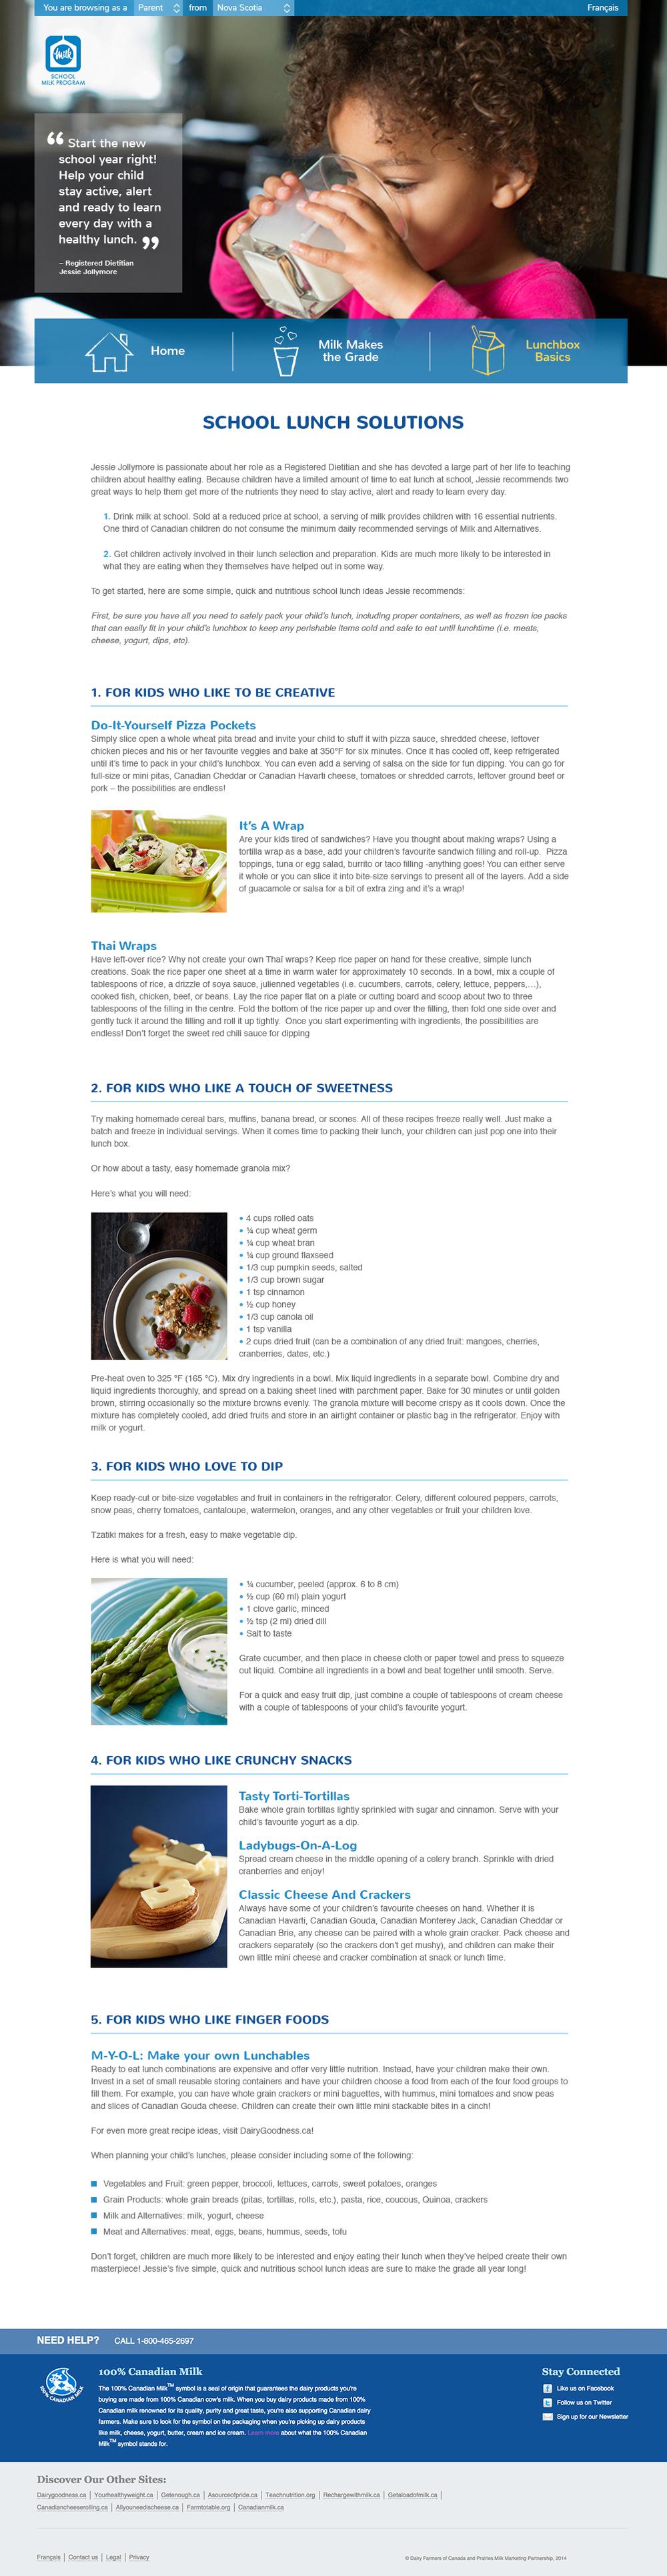 DAI01-697_MilkSchoolProgram_03Lunchbox_v0.1.jpg